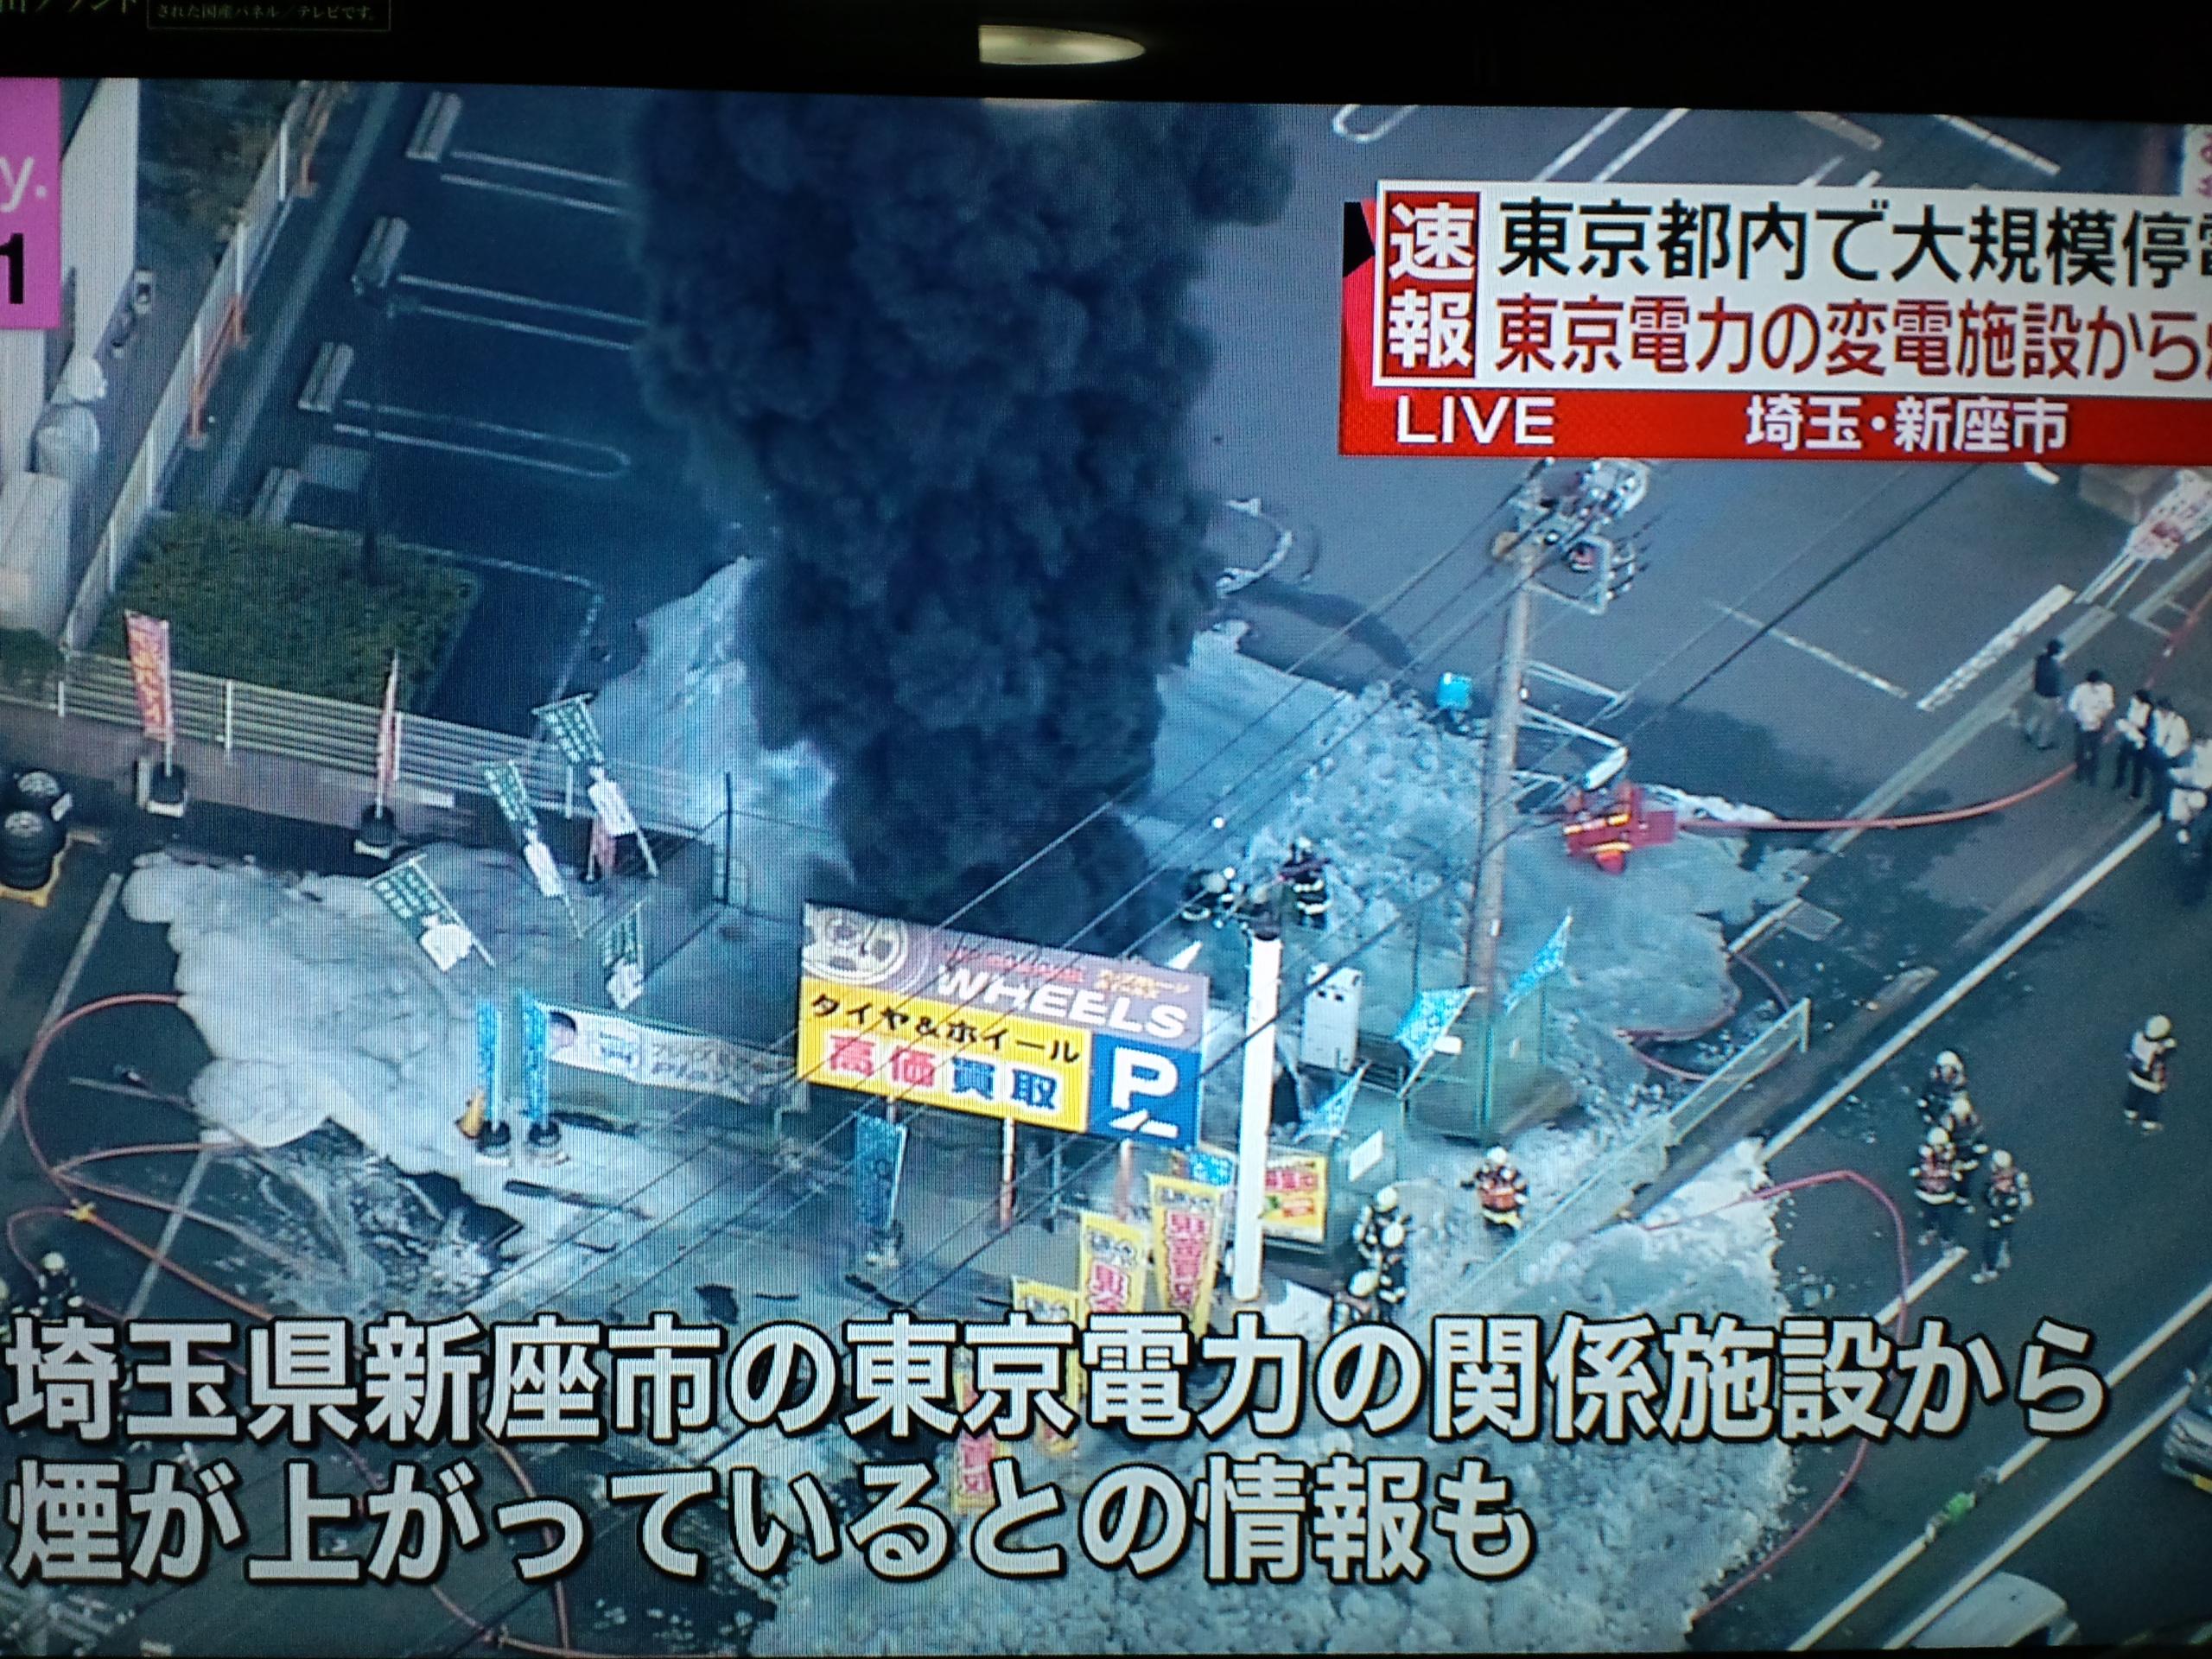 東京の豊島区、板橋区、北区、新宿区、文京区など30万世帯で大規模停電!埼玉・新座市の変電施設から黒煙が!